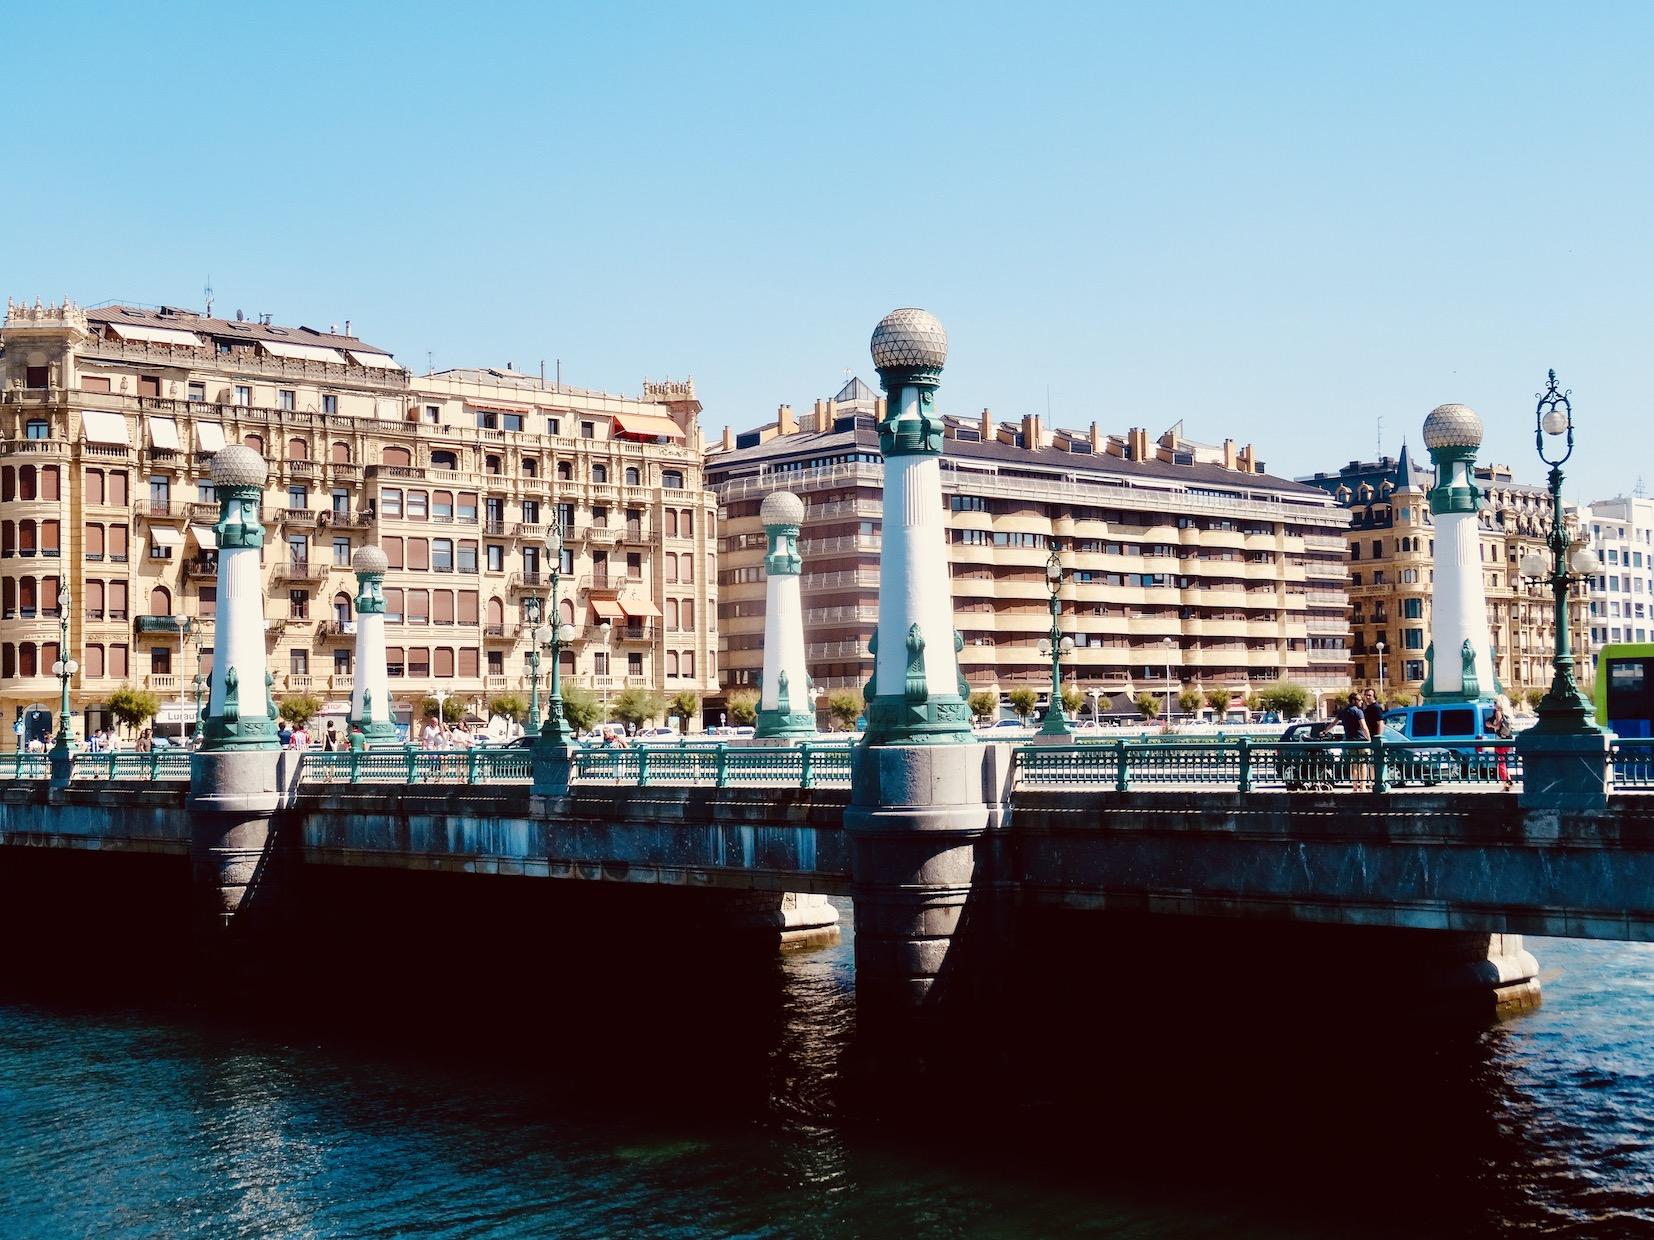 María Cristina Bridge San Sebastian.